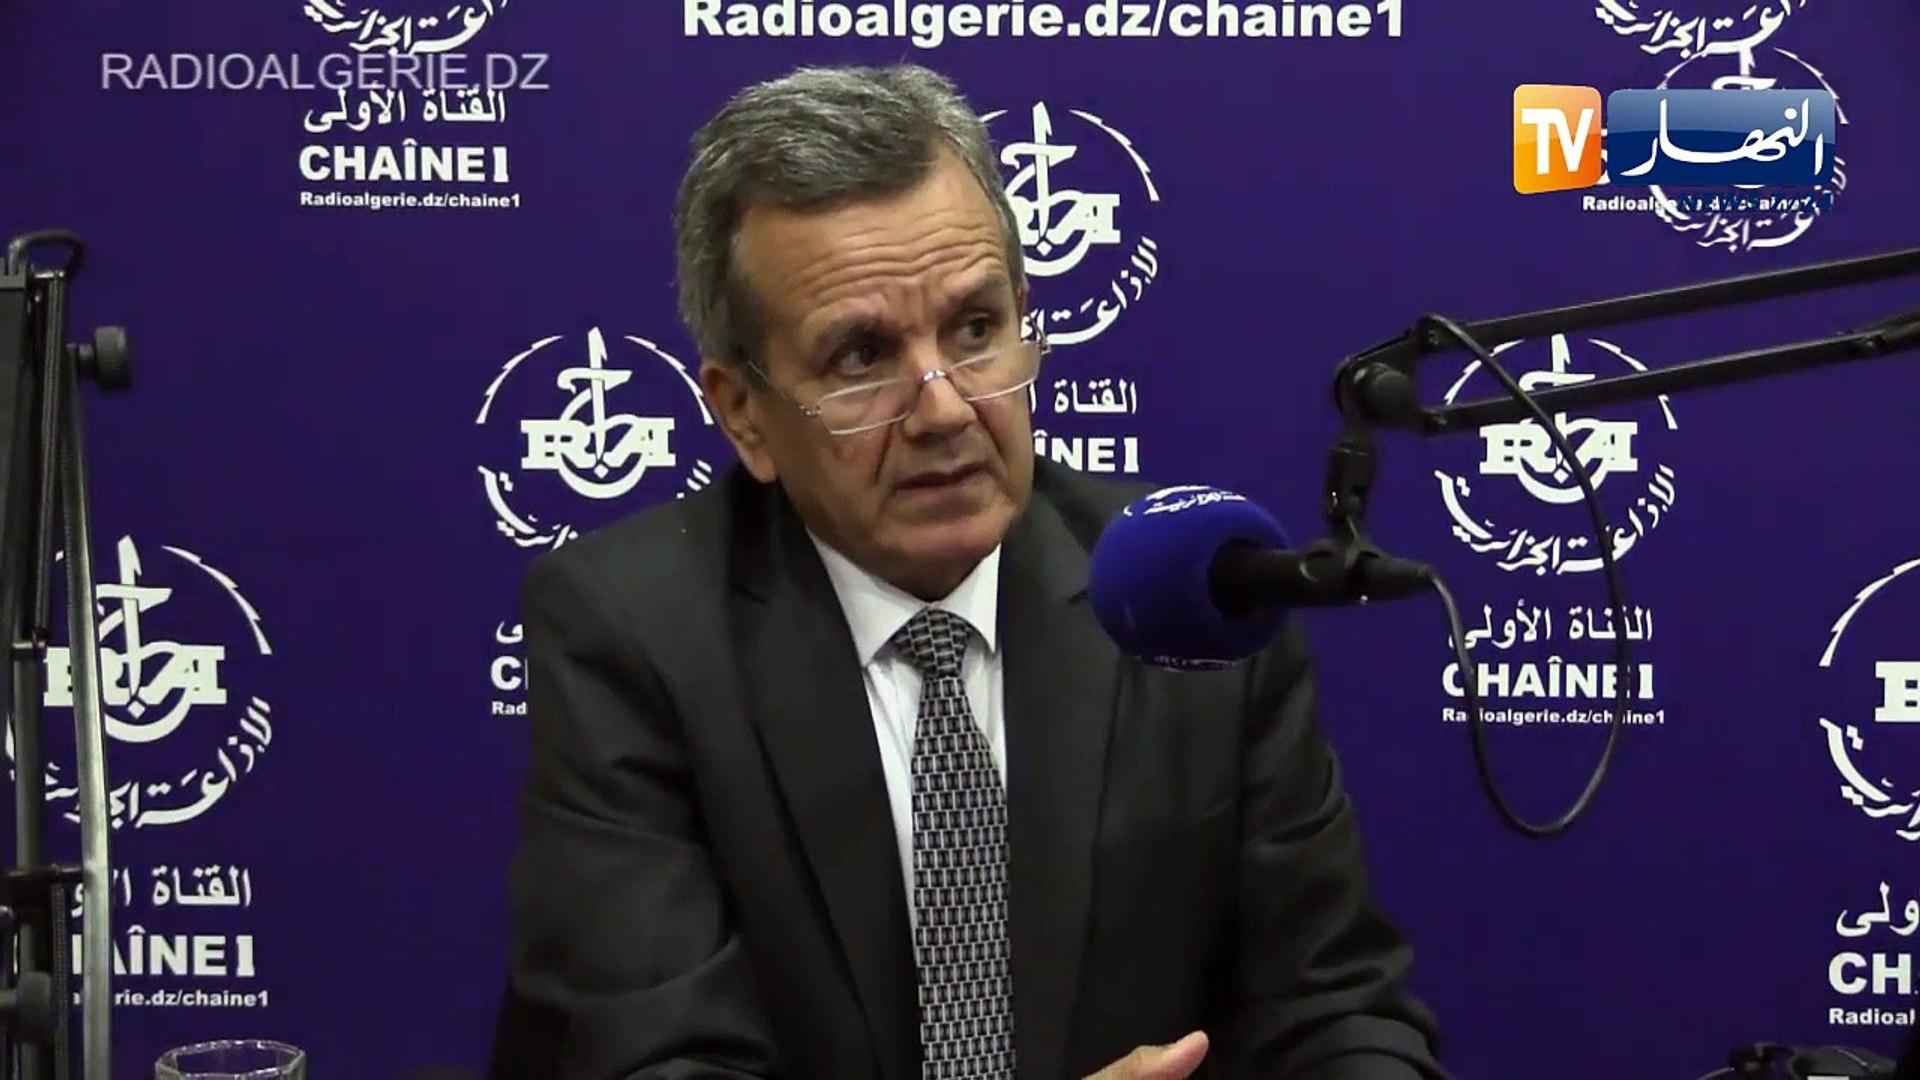 لحظة إعلان وزير الصحة دخول الجزائر للمستوى الثالث من ناحية إنتشار كورونا